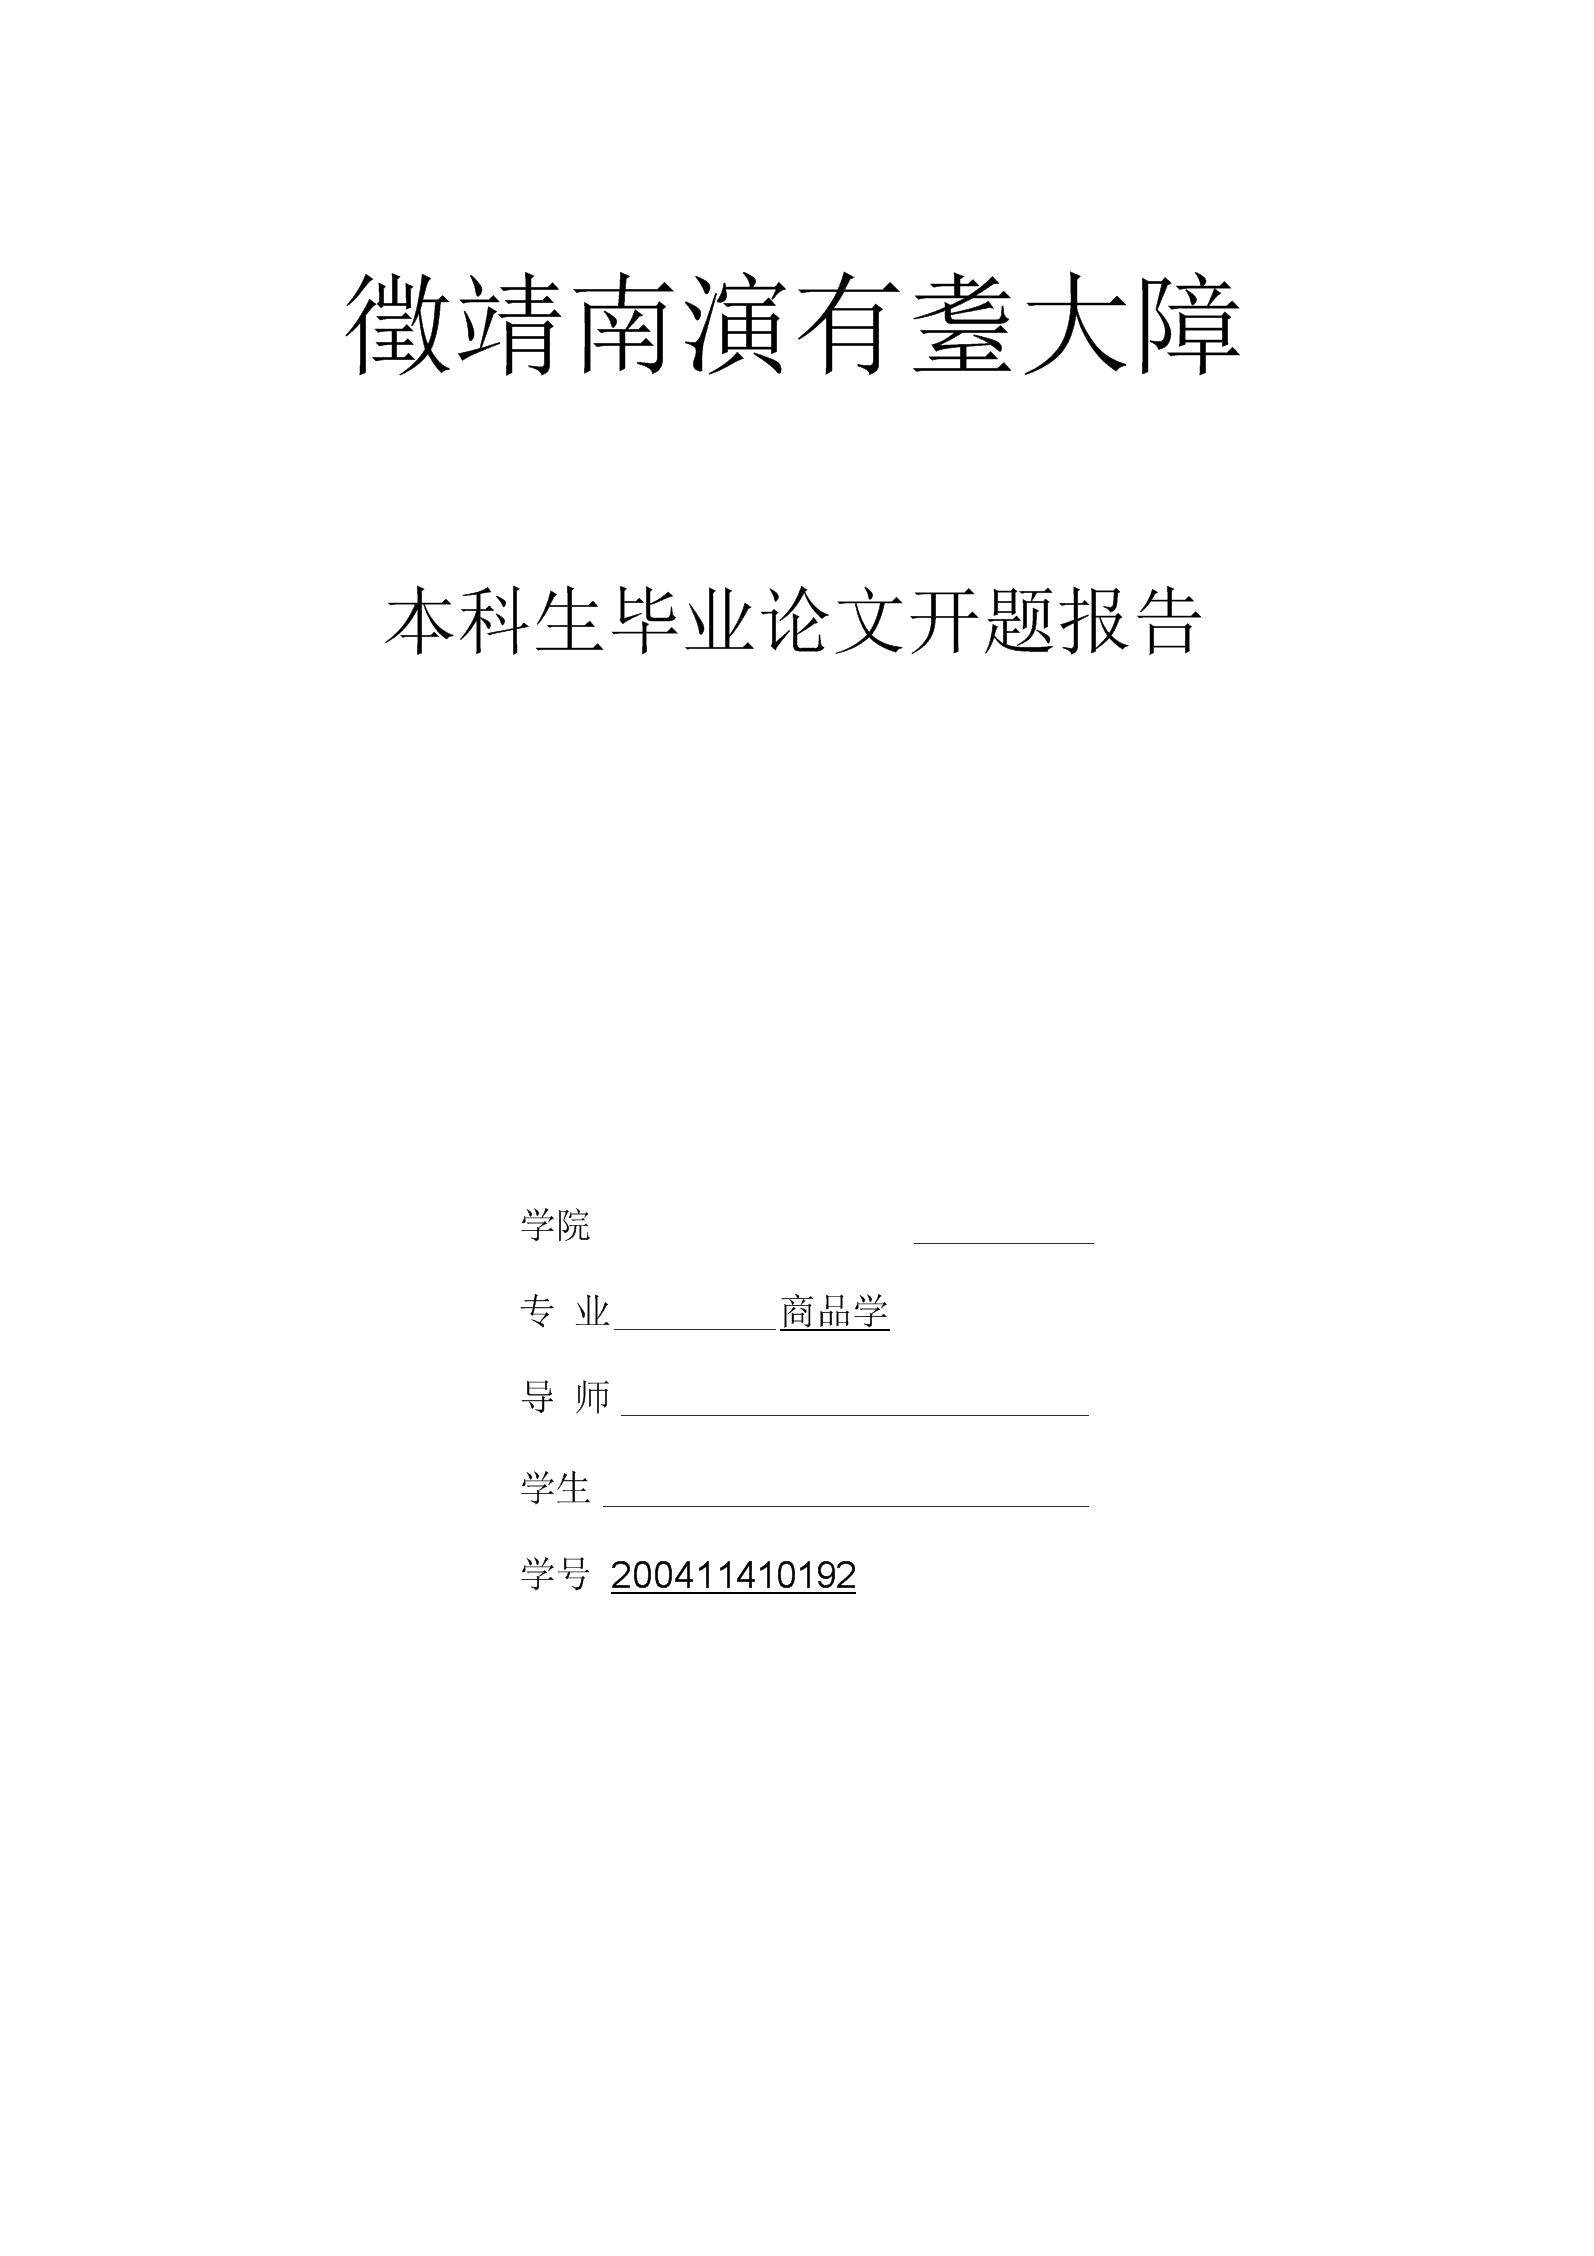 采购开题报告.docx